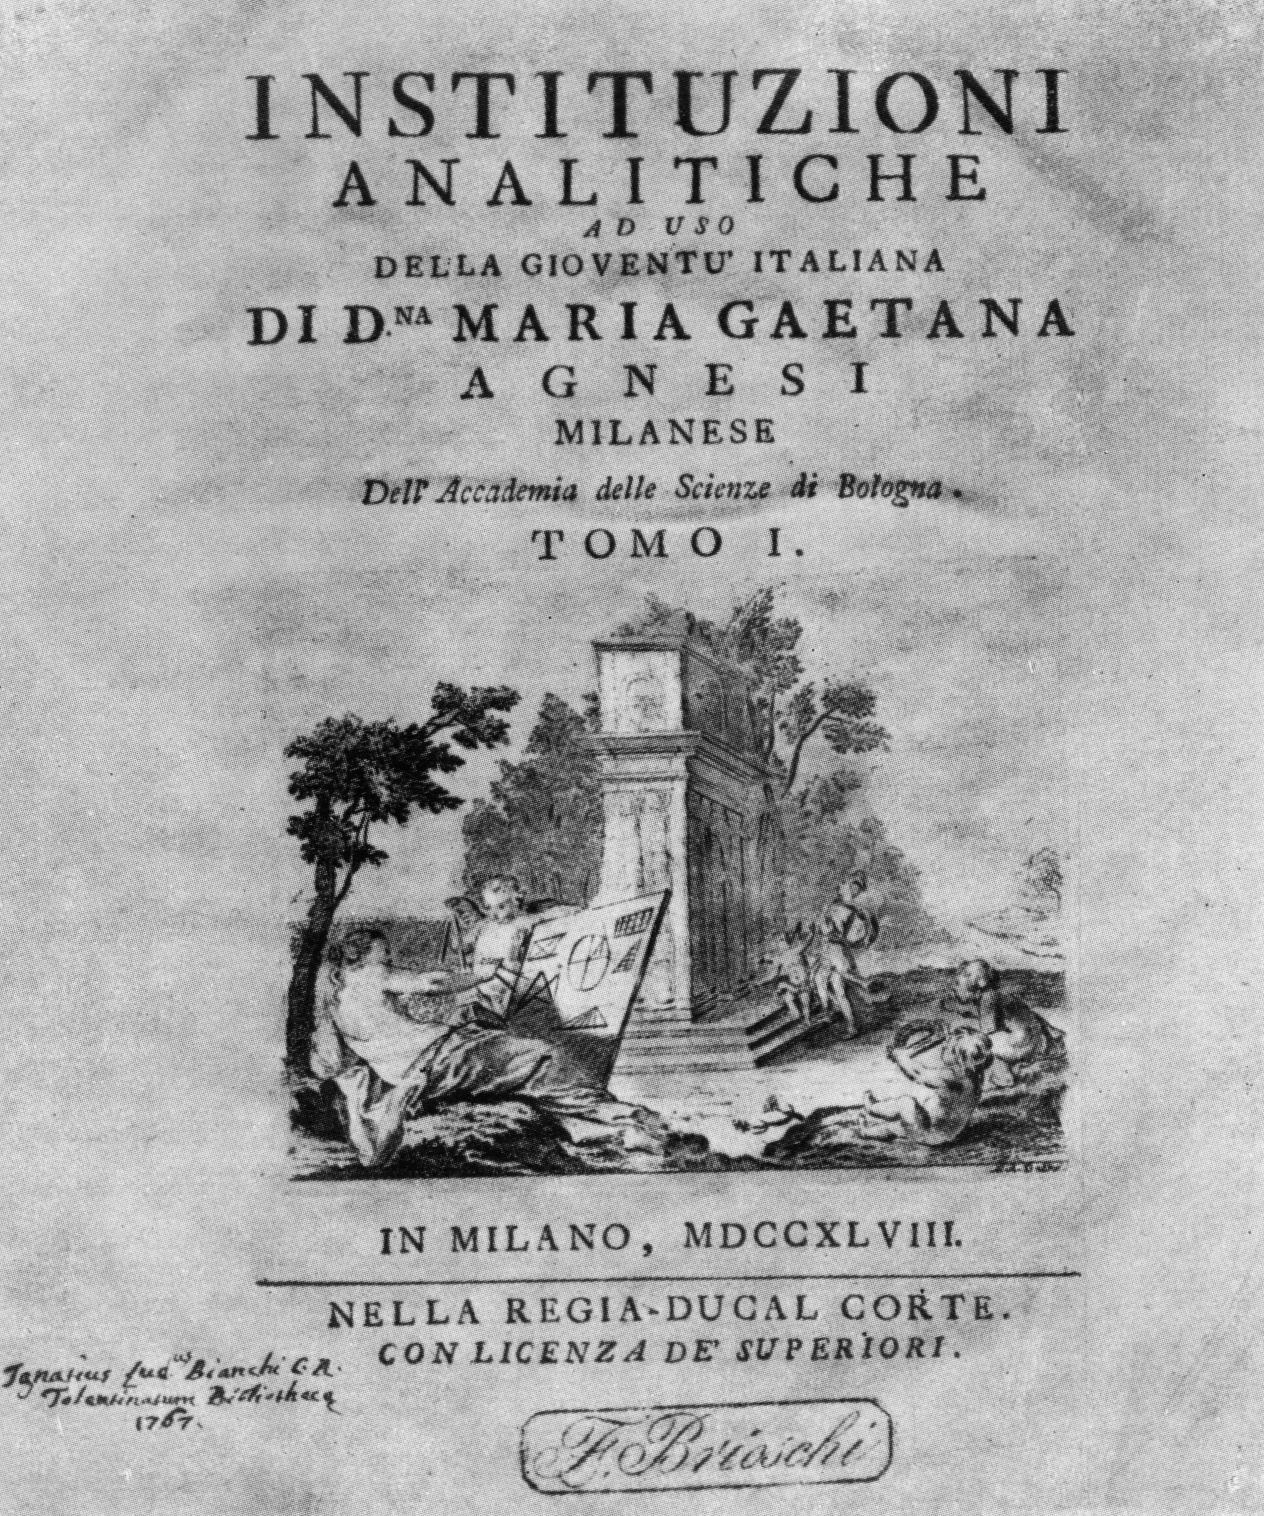 玛丽亚‧盖达娜‧阿涅西所着的1748年版《分析讲义》首页(Instituzioni analitiche)。(公有领域)